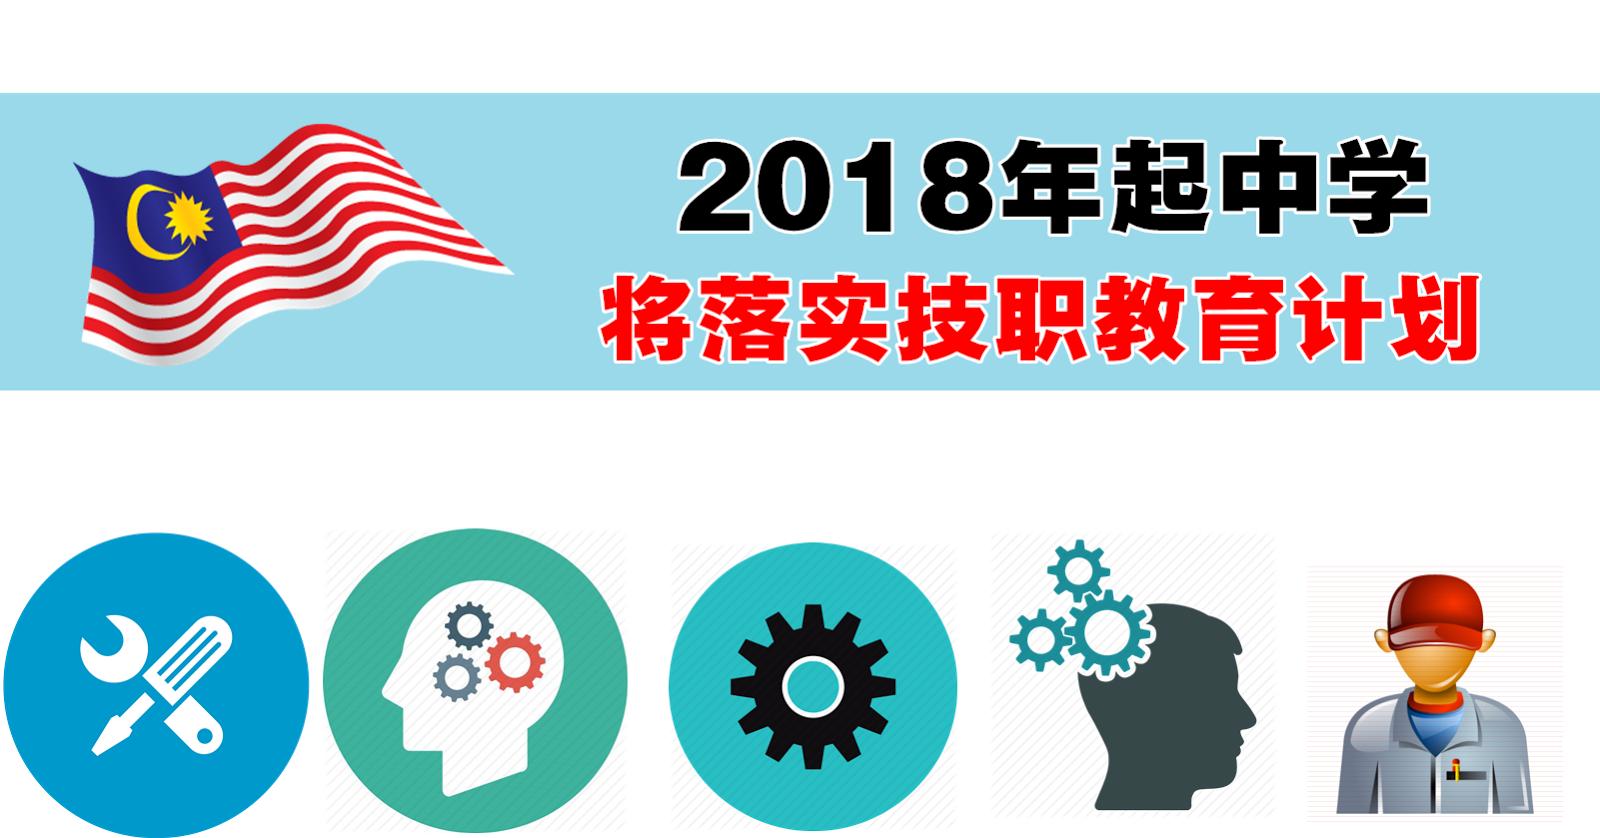 2018年起中学将落实技职教育计划